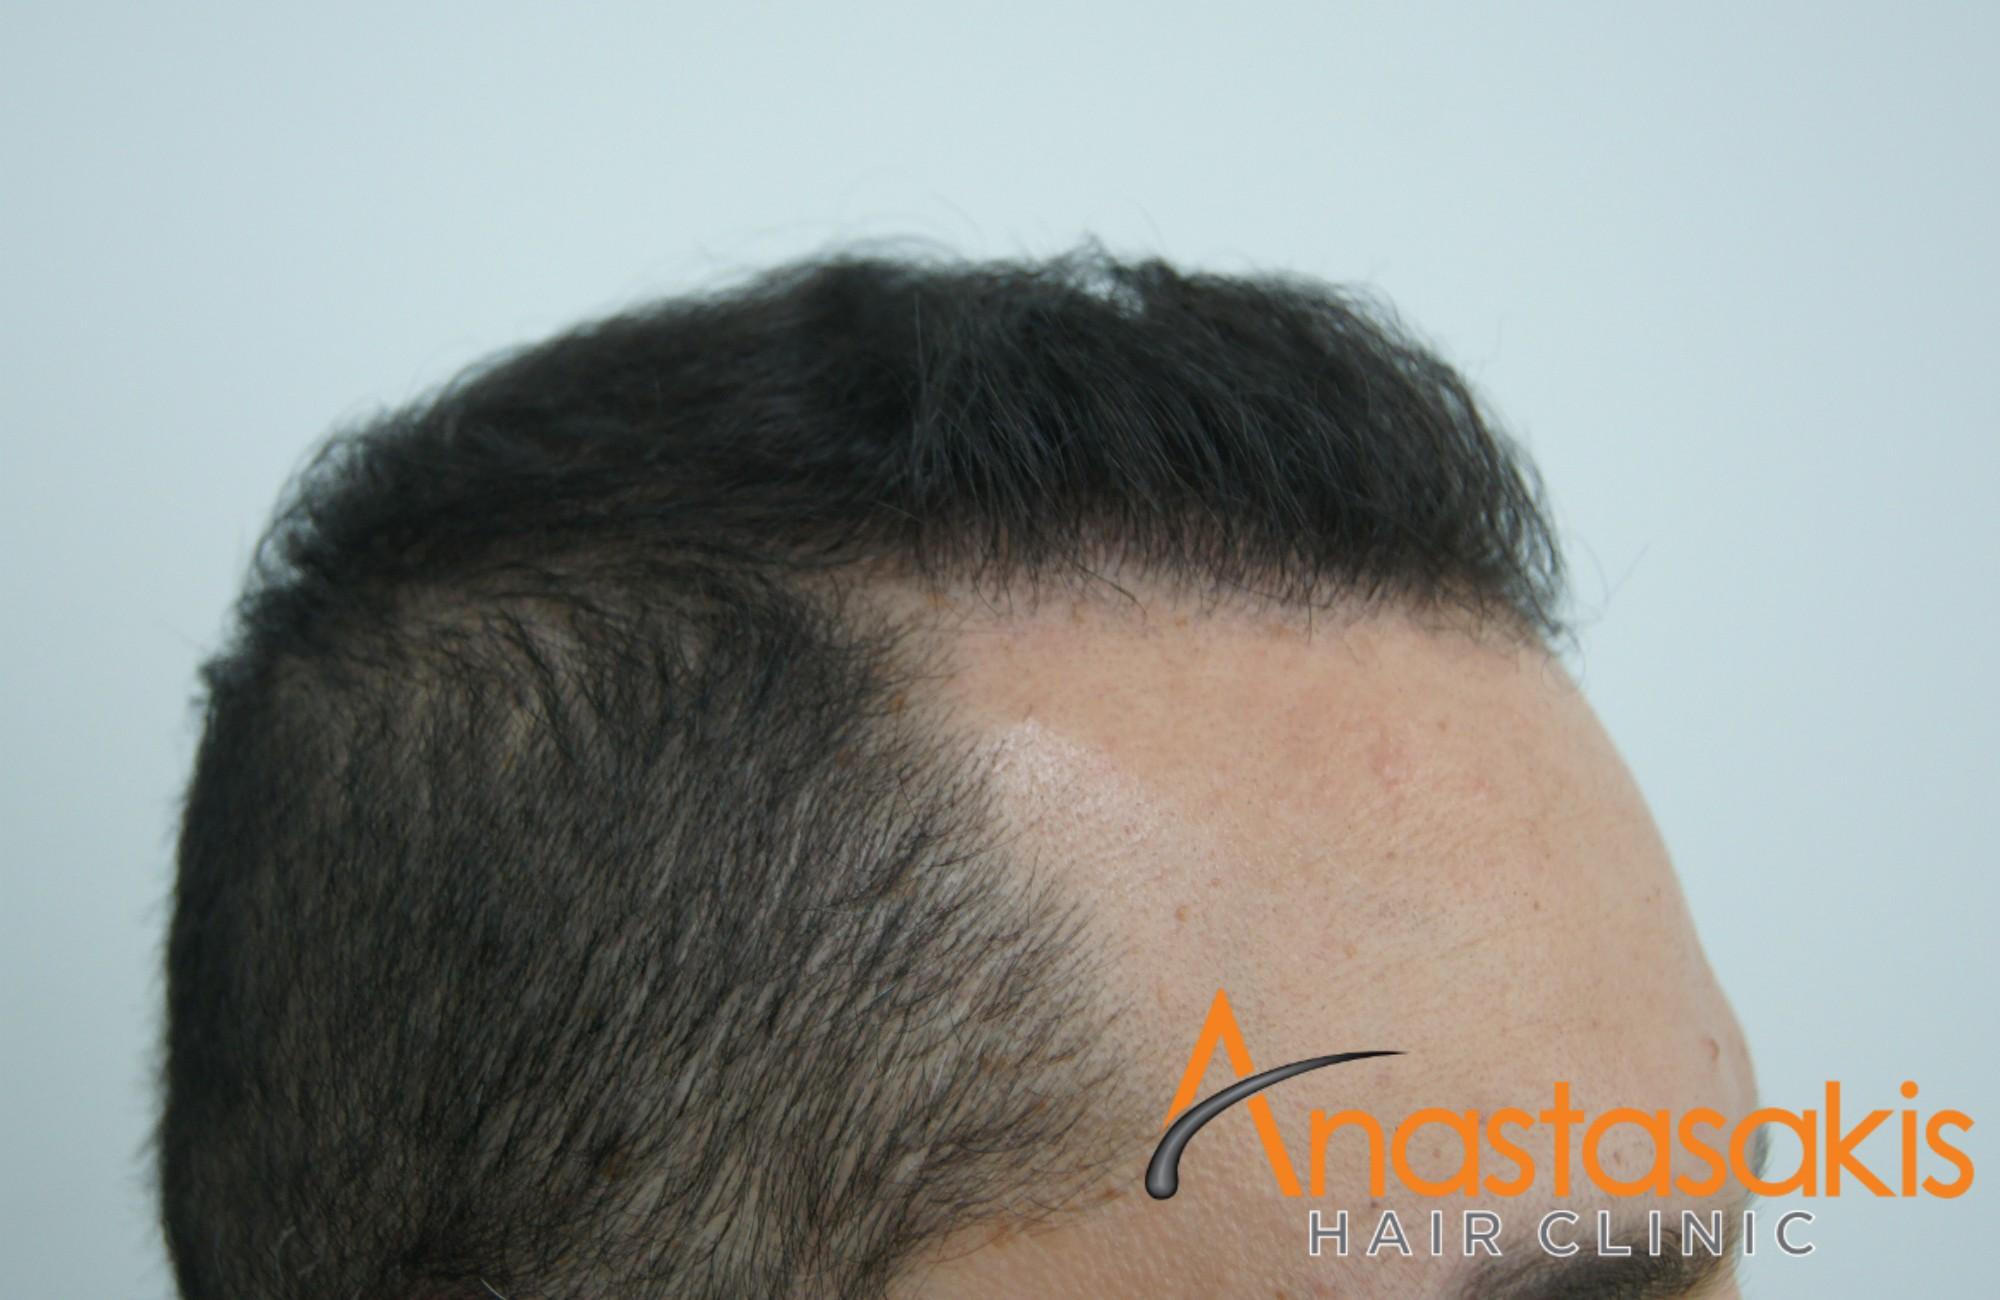 ασθενής μετά την εμφύτευση μαλλιών fue με 1600fus αριστερό προφίλ